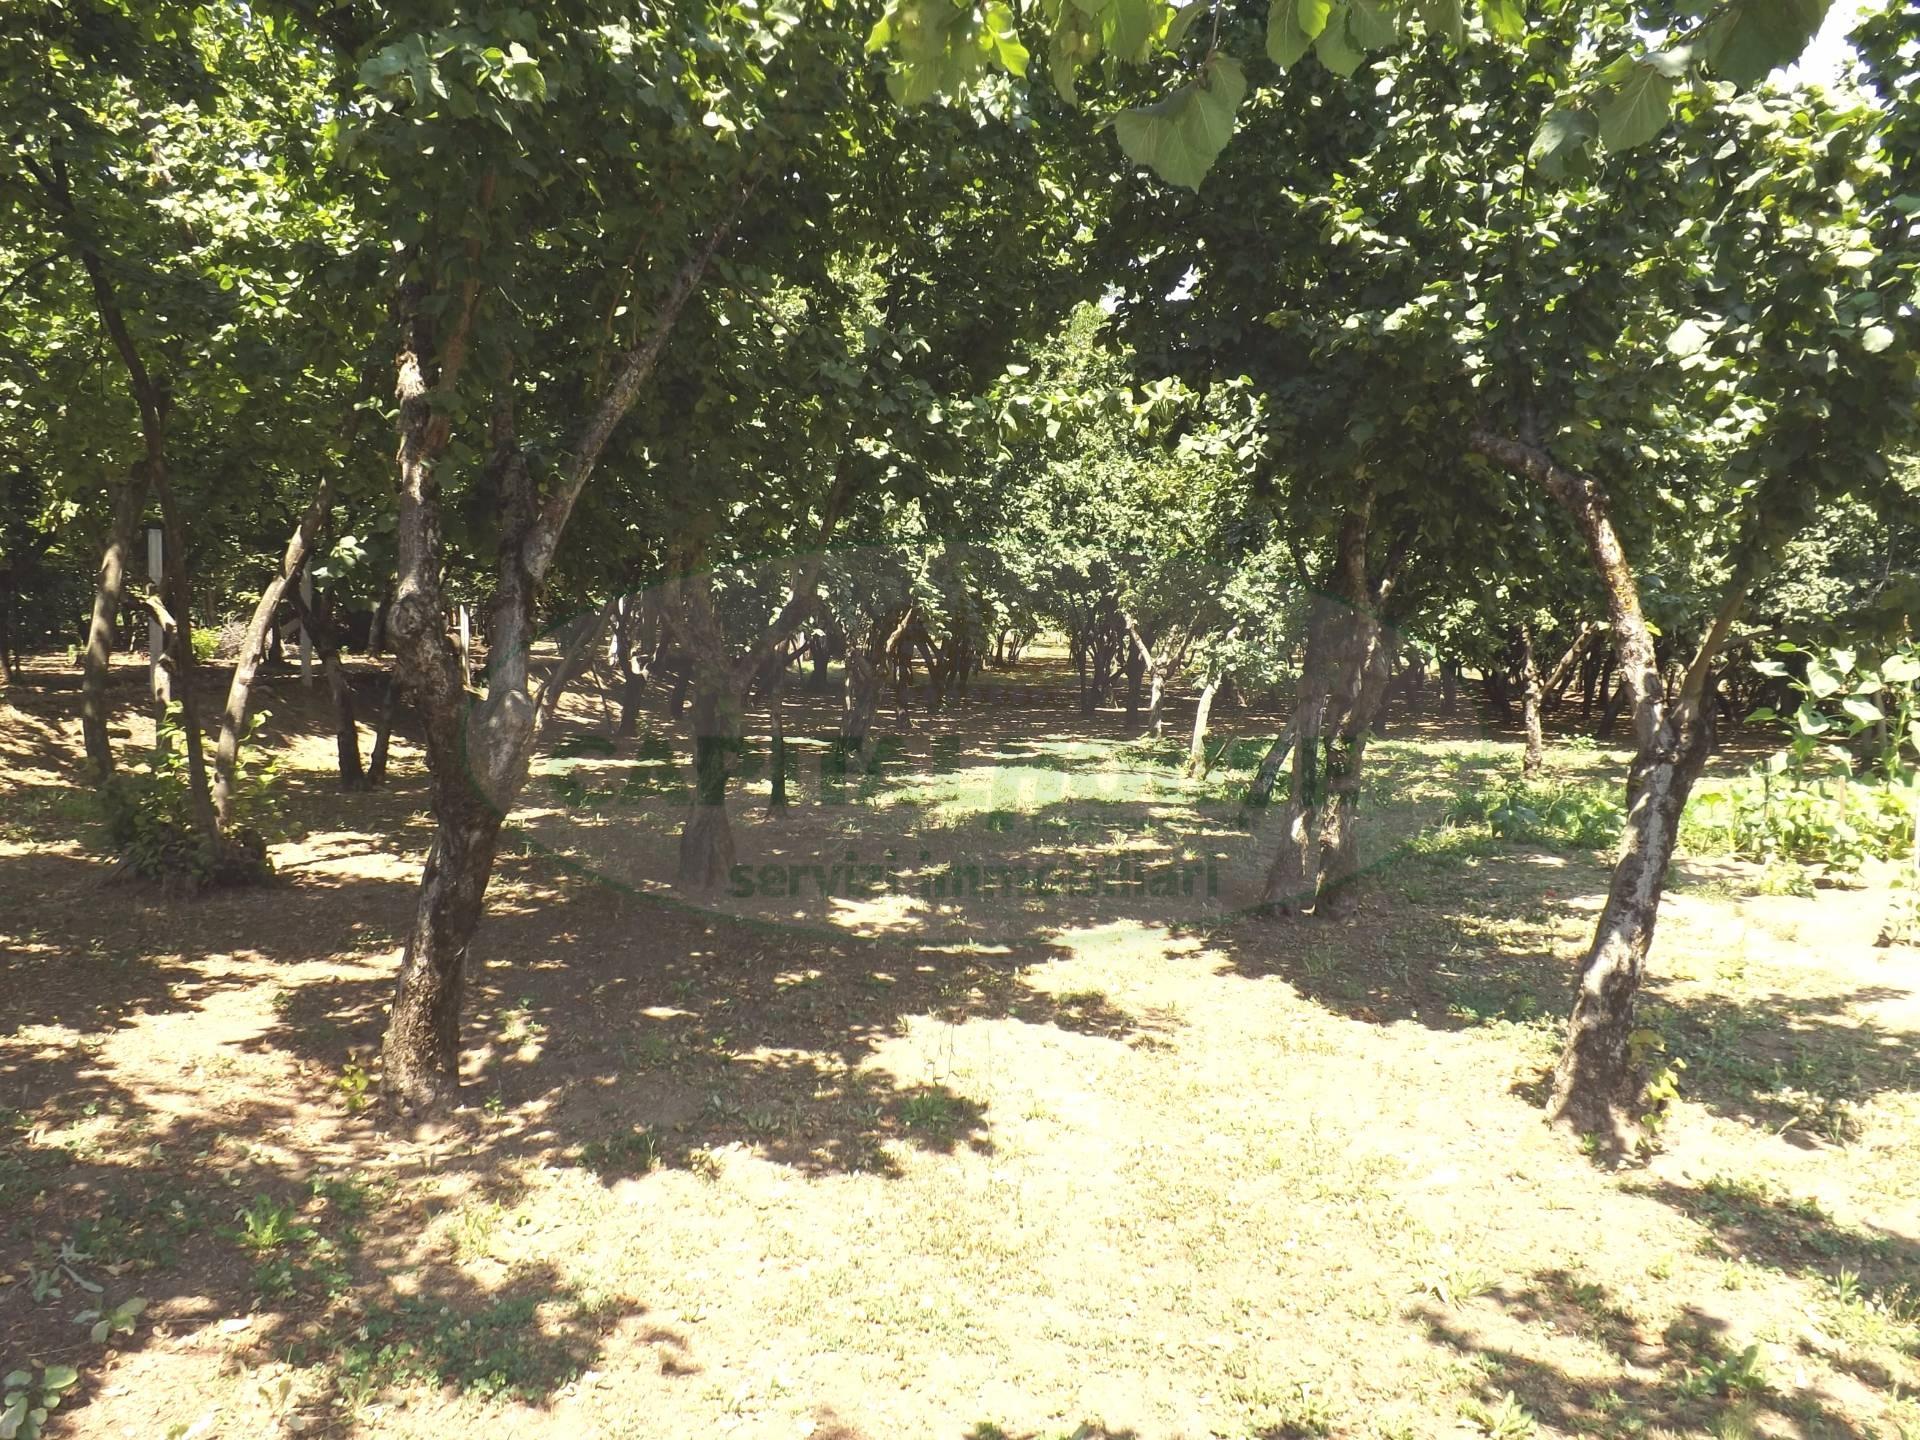 Terreno Agricolo in vendita a Cesinali, 9999 locali, prezzo € 30.000 | Cambio Casa.it